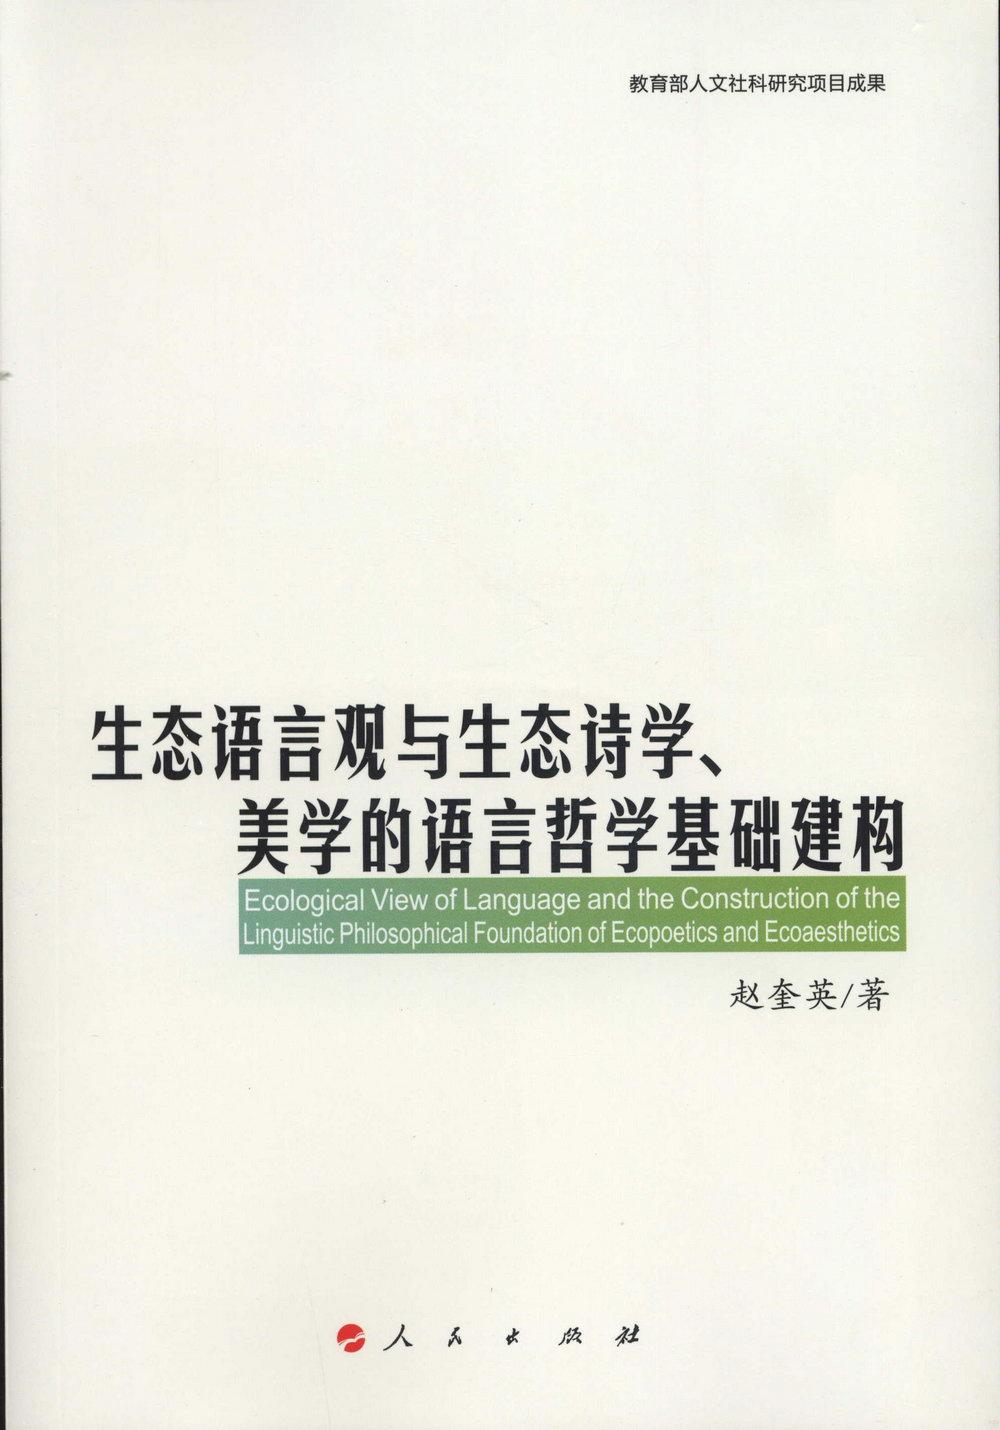 生態語言觀與生態詩學、美學的語言哲學基礎建構